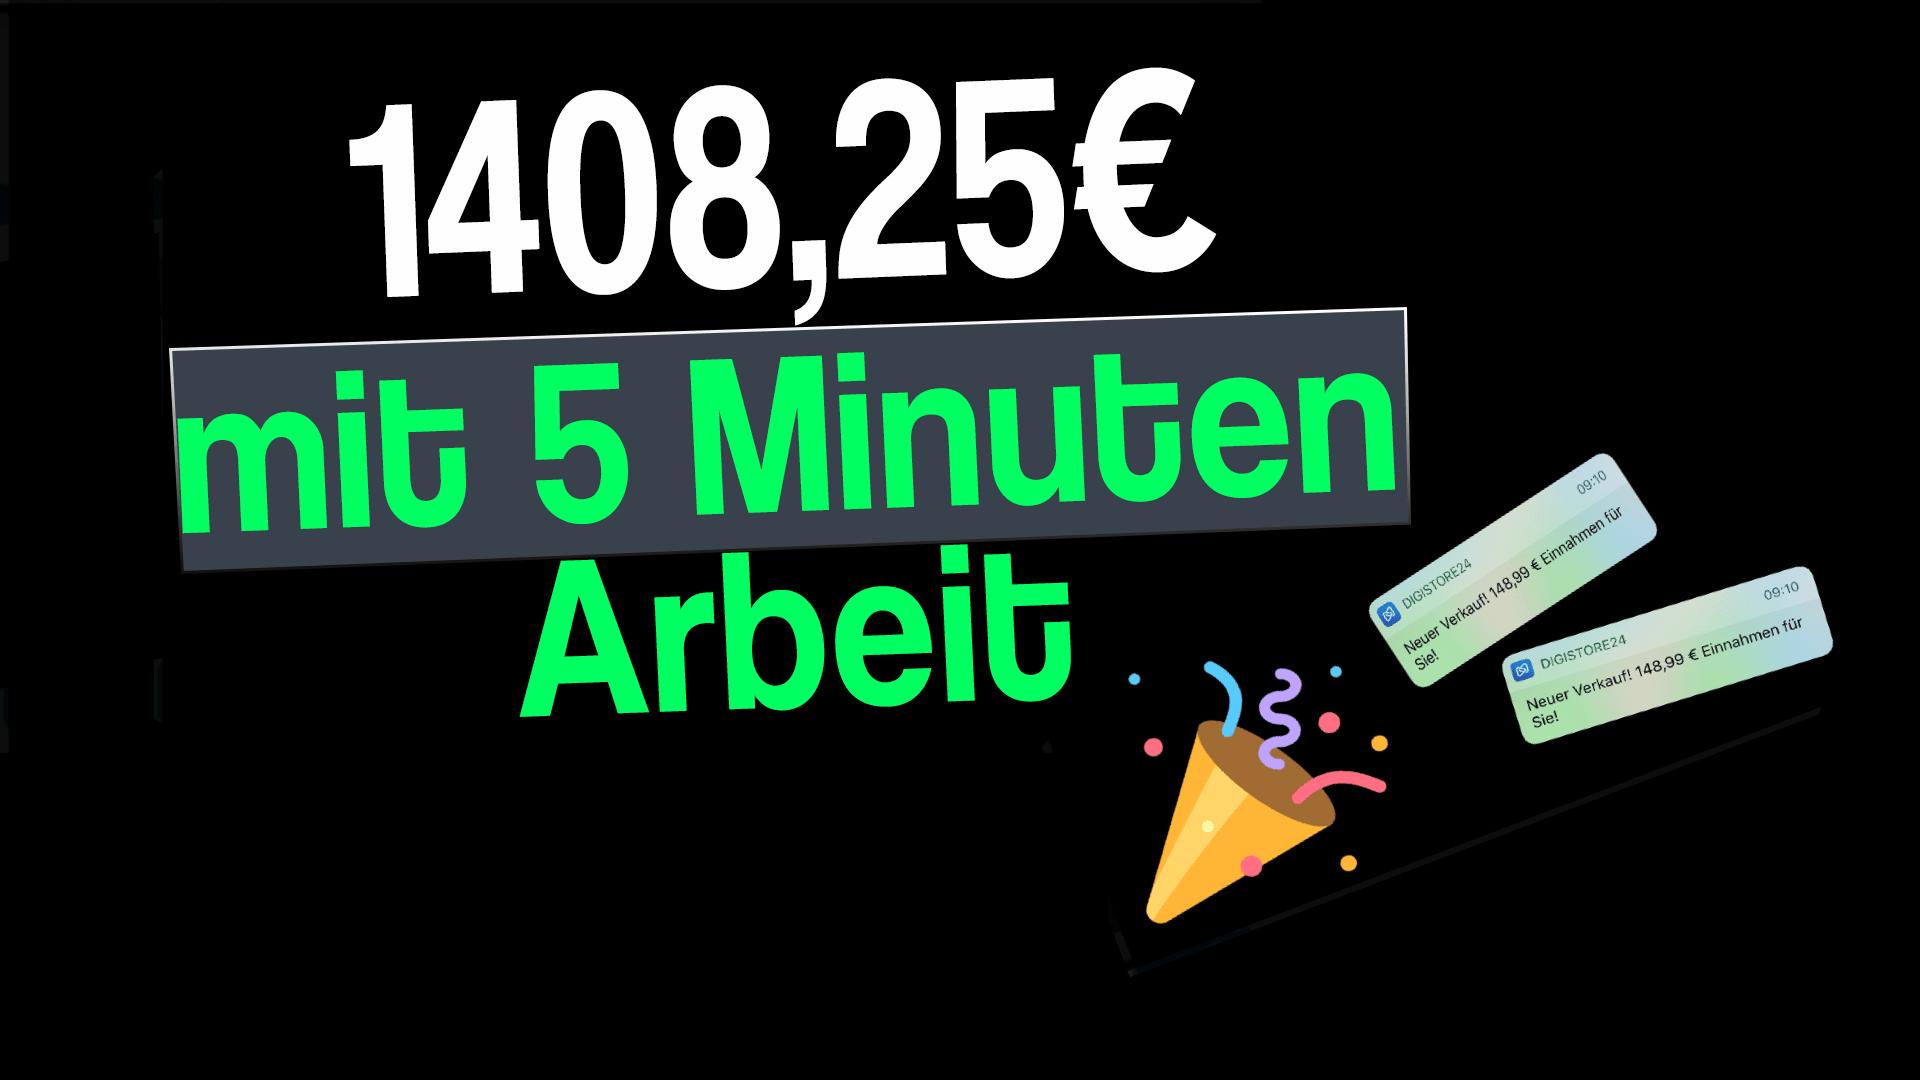 Online Geld verdienen schnell und einfach – 1.408,26€ in 5 Minuten